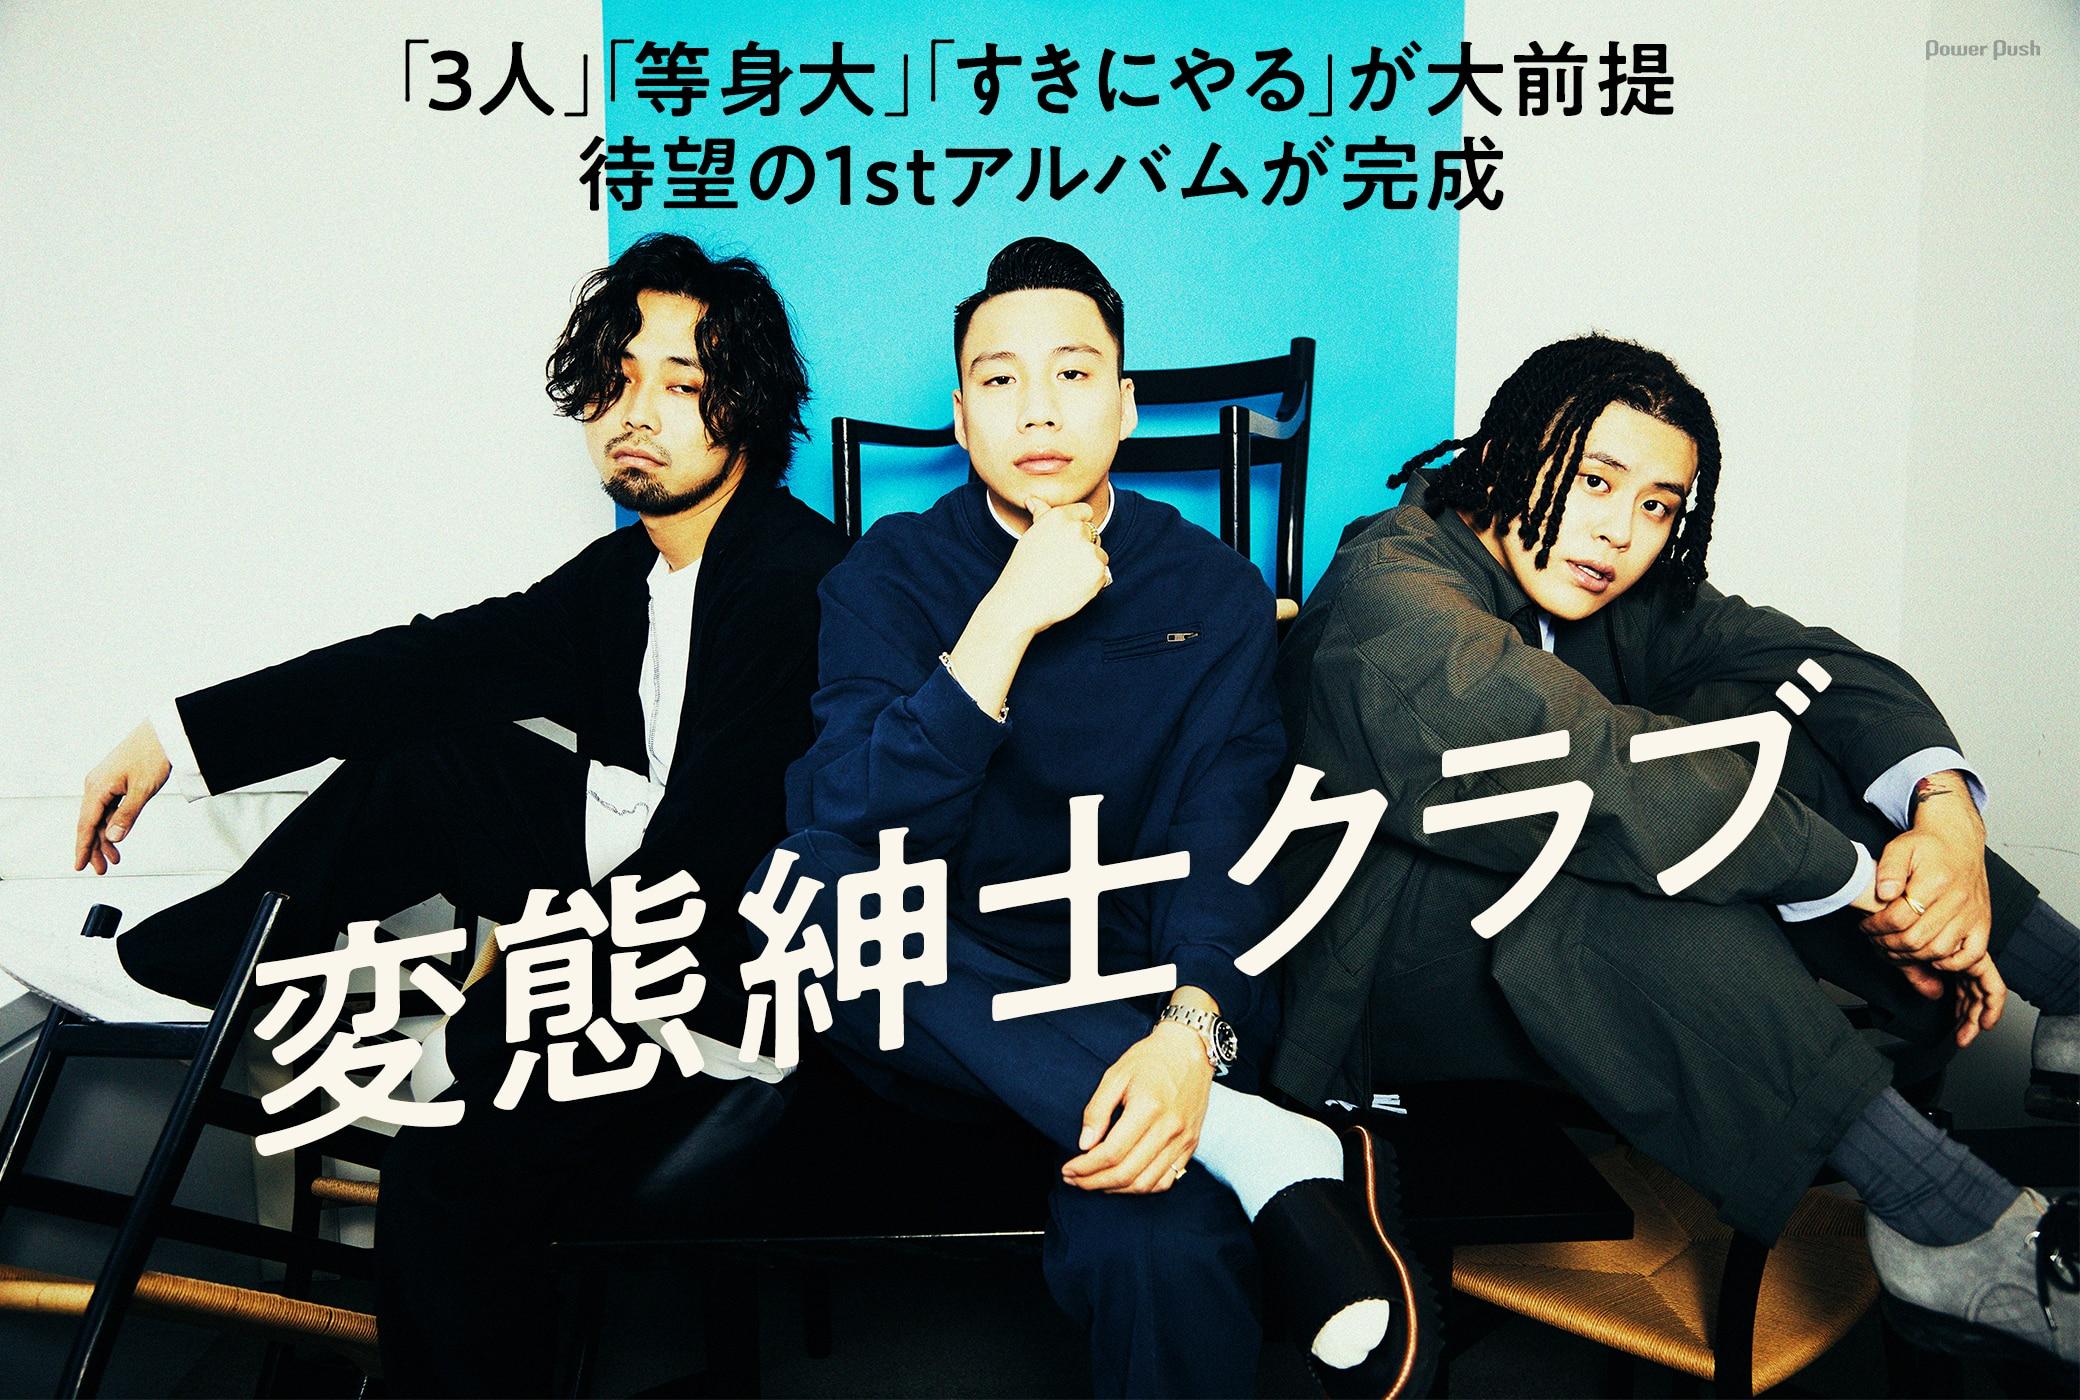 変態紳士クラブ|「3人」「等身大」「すきにやる」が大前提 待望の1stアルバムが完成